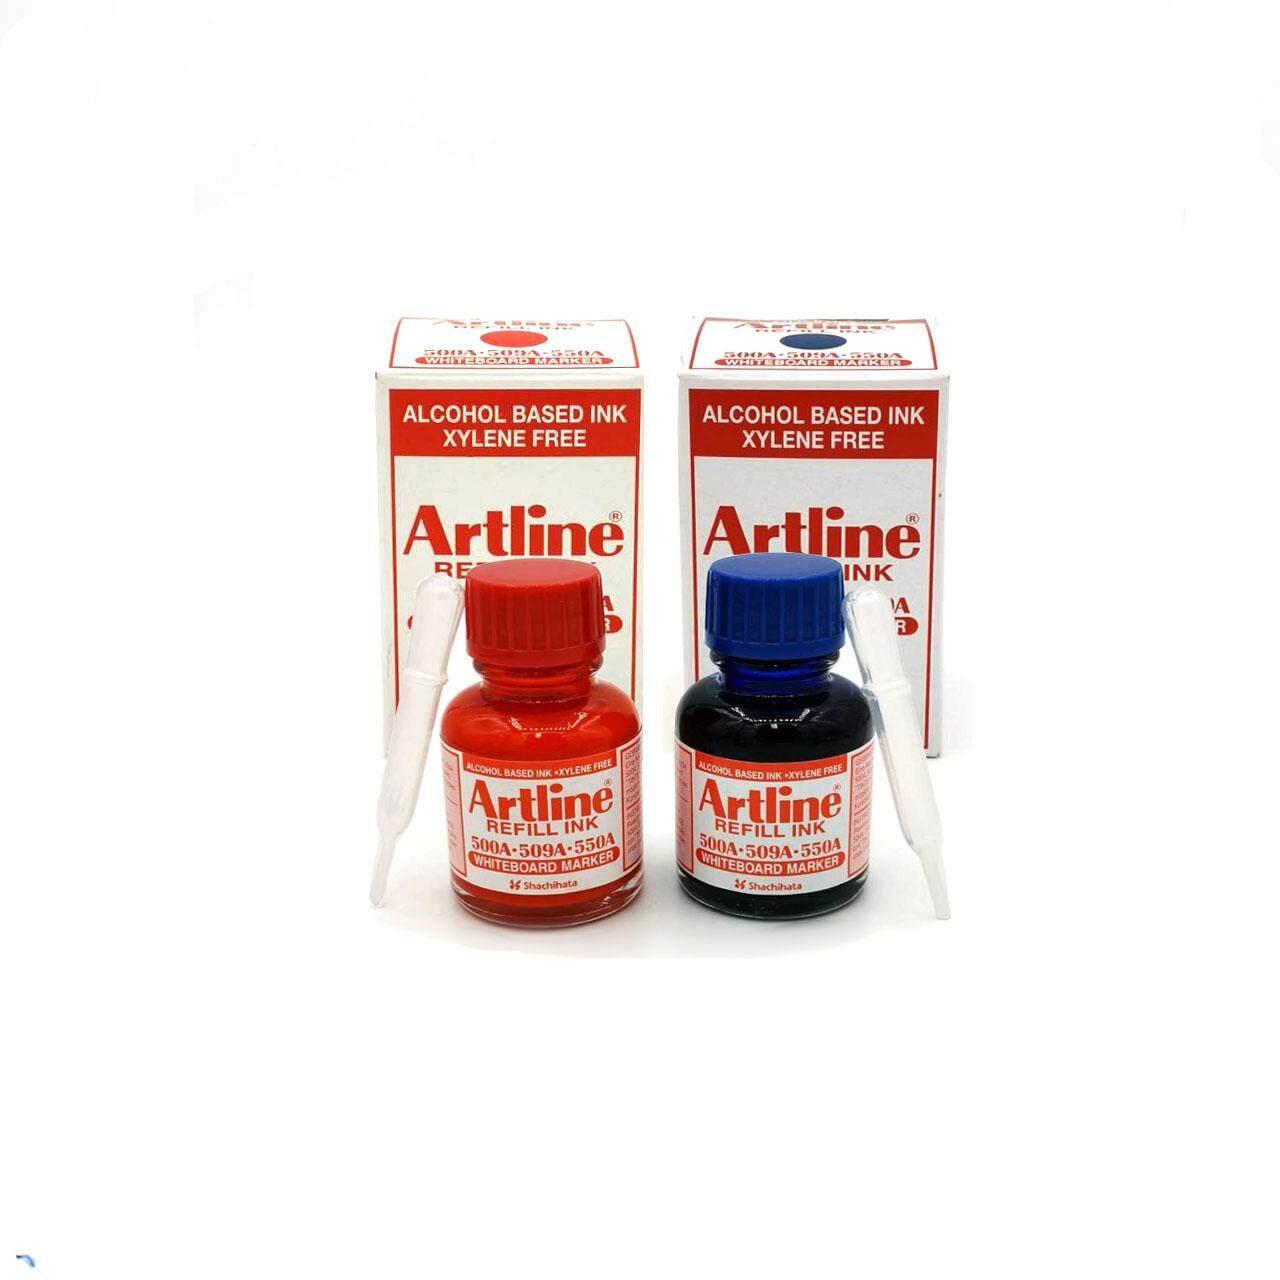 หมึกเติมปากกาไวท์บอร์ด อาร์ทไลน์ 20 มล. ชุด 2 ชิ้น (สีน้ำเงิน , สีแดง) สีเข้ม คมชัด.